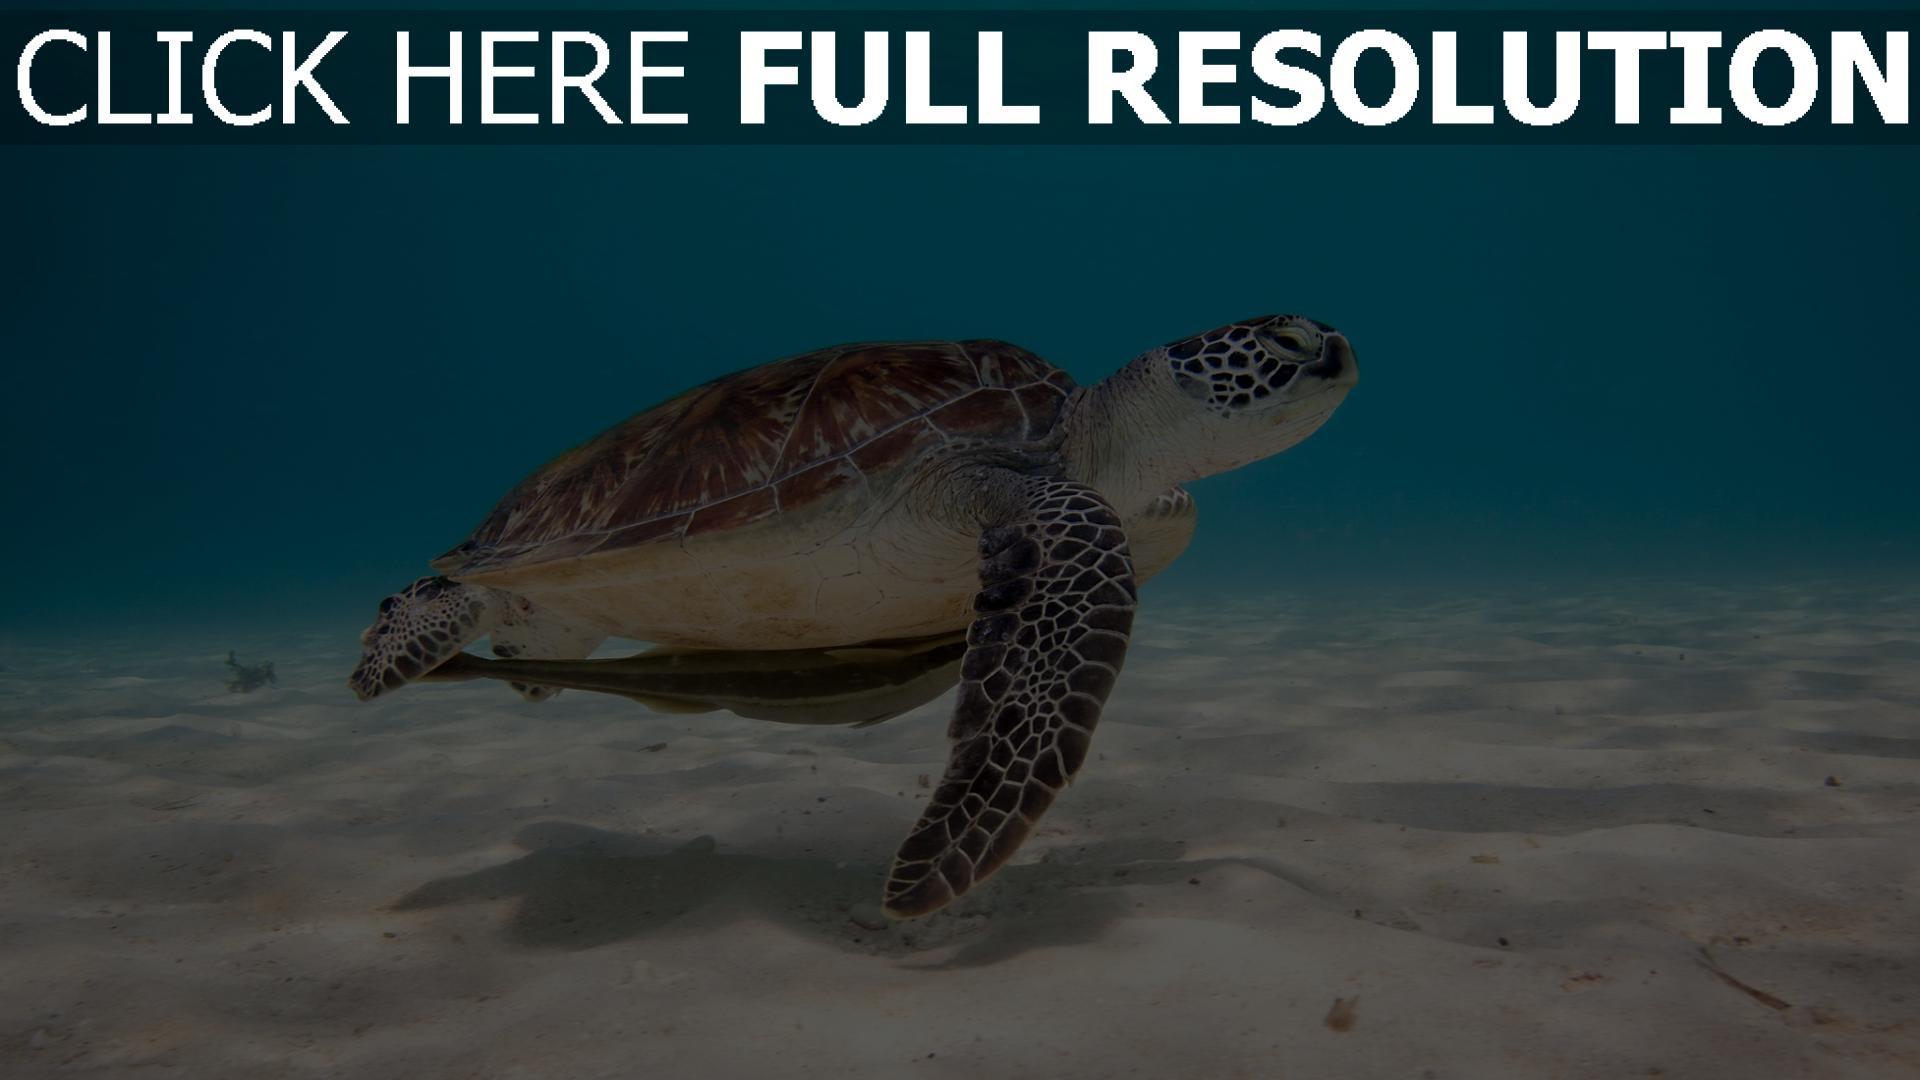 fond d'écran 1920x1080 tortue sous l'eau vue de côté